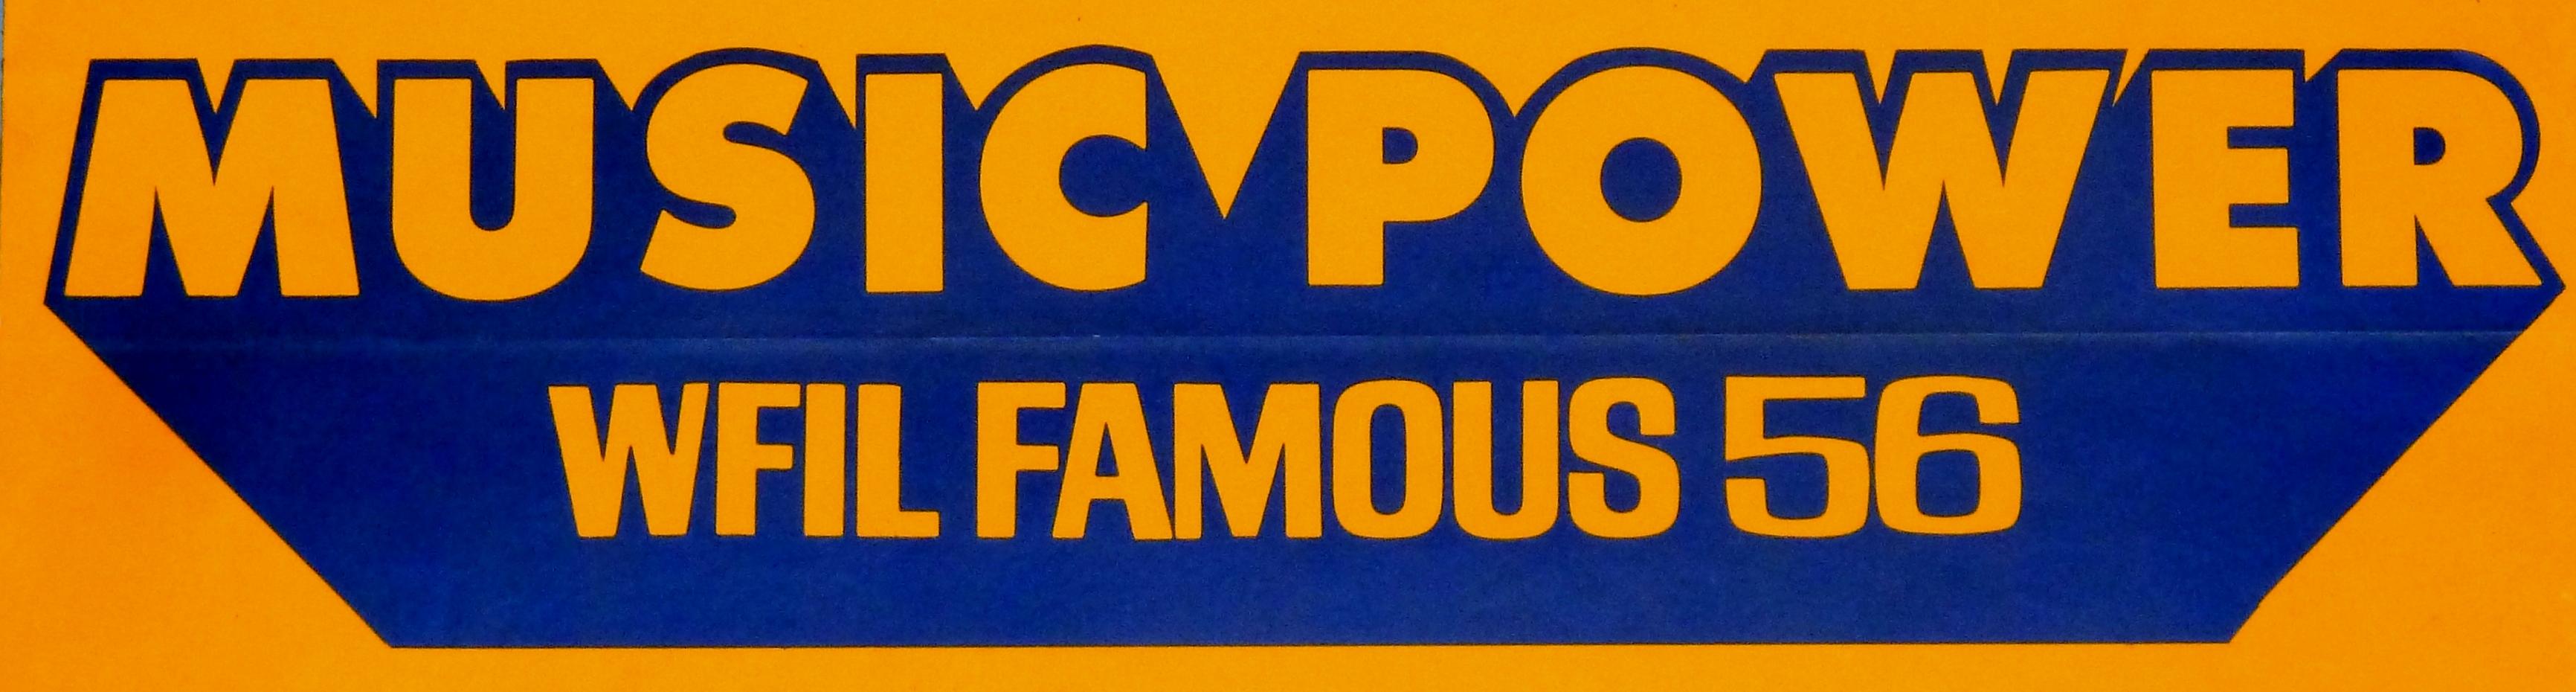 Famous 56 Com